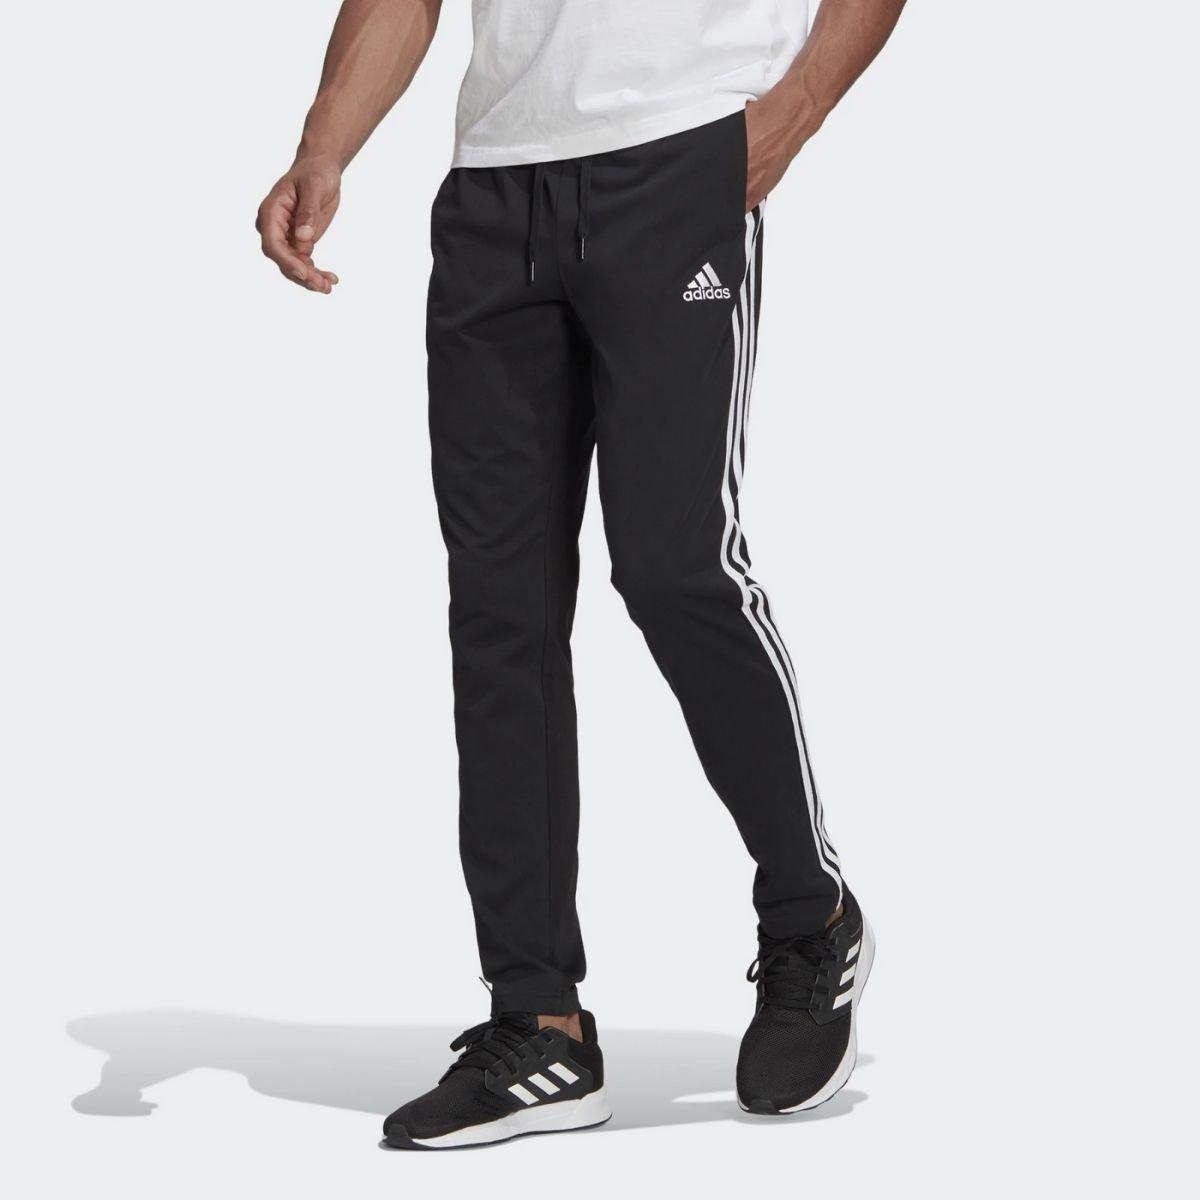 Pantalone Adidas Aeroready...